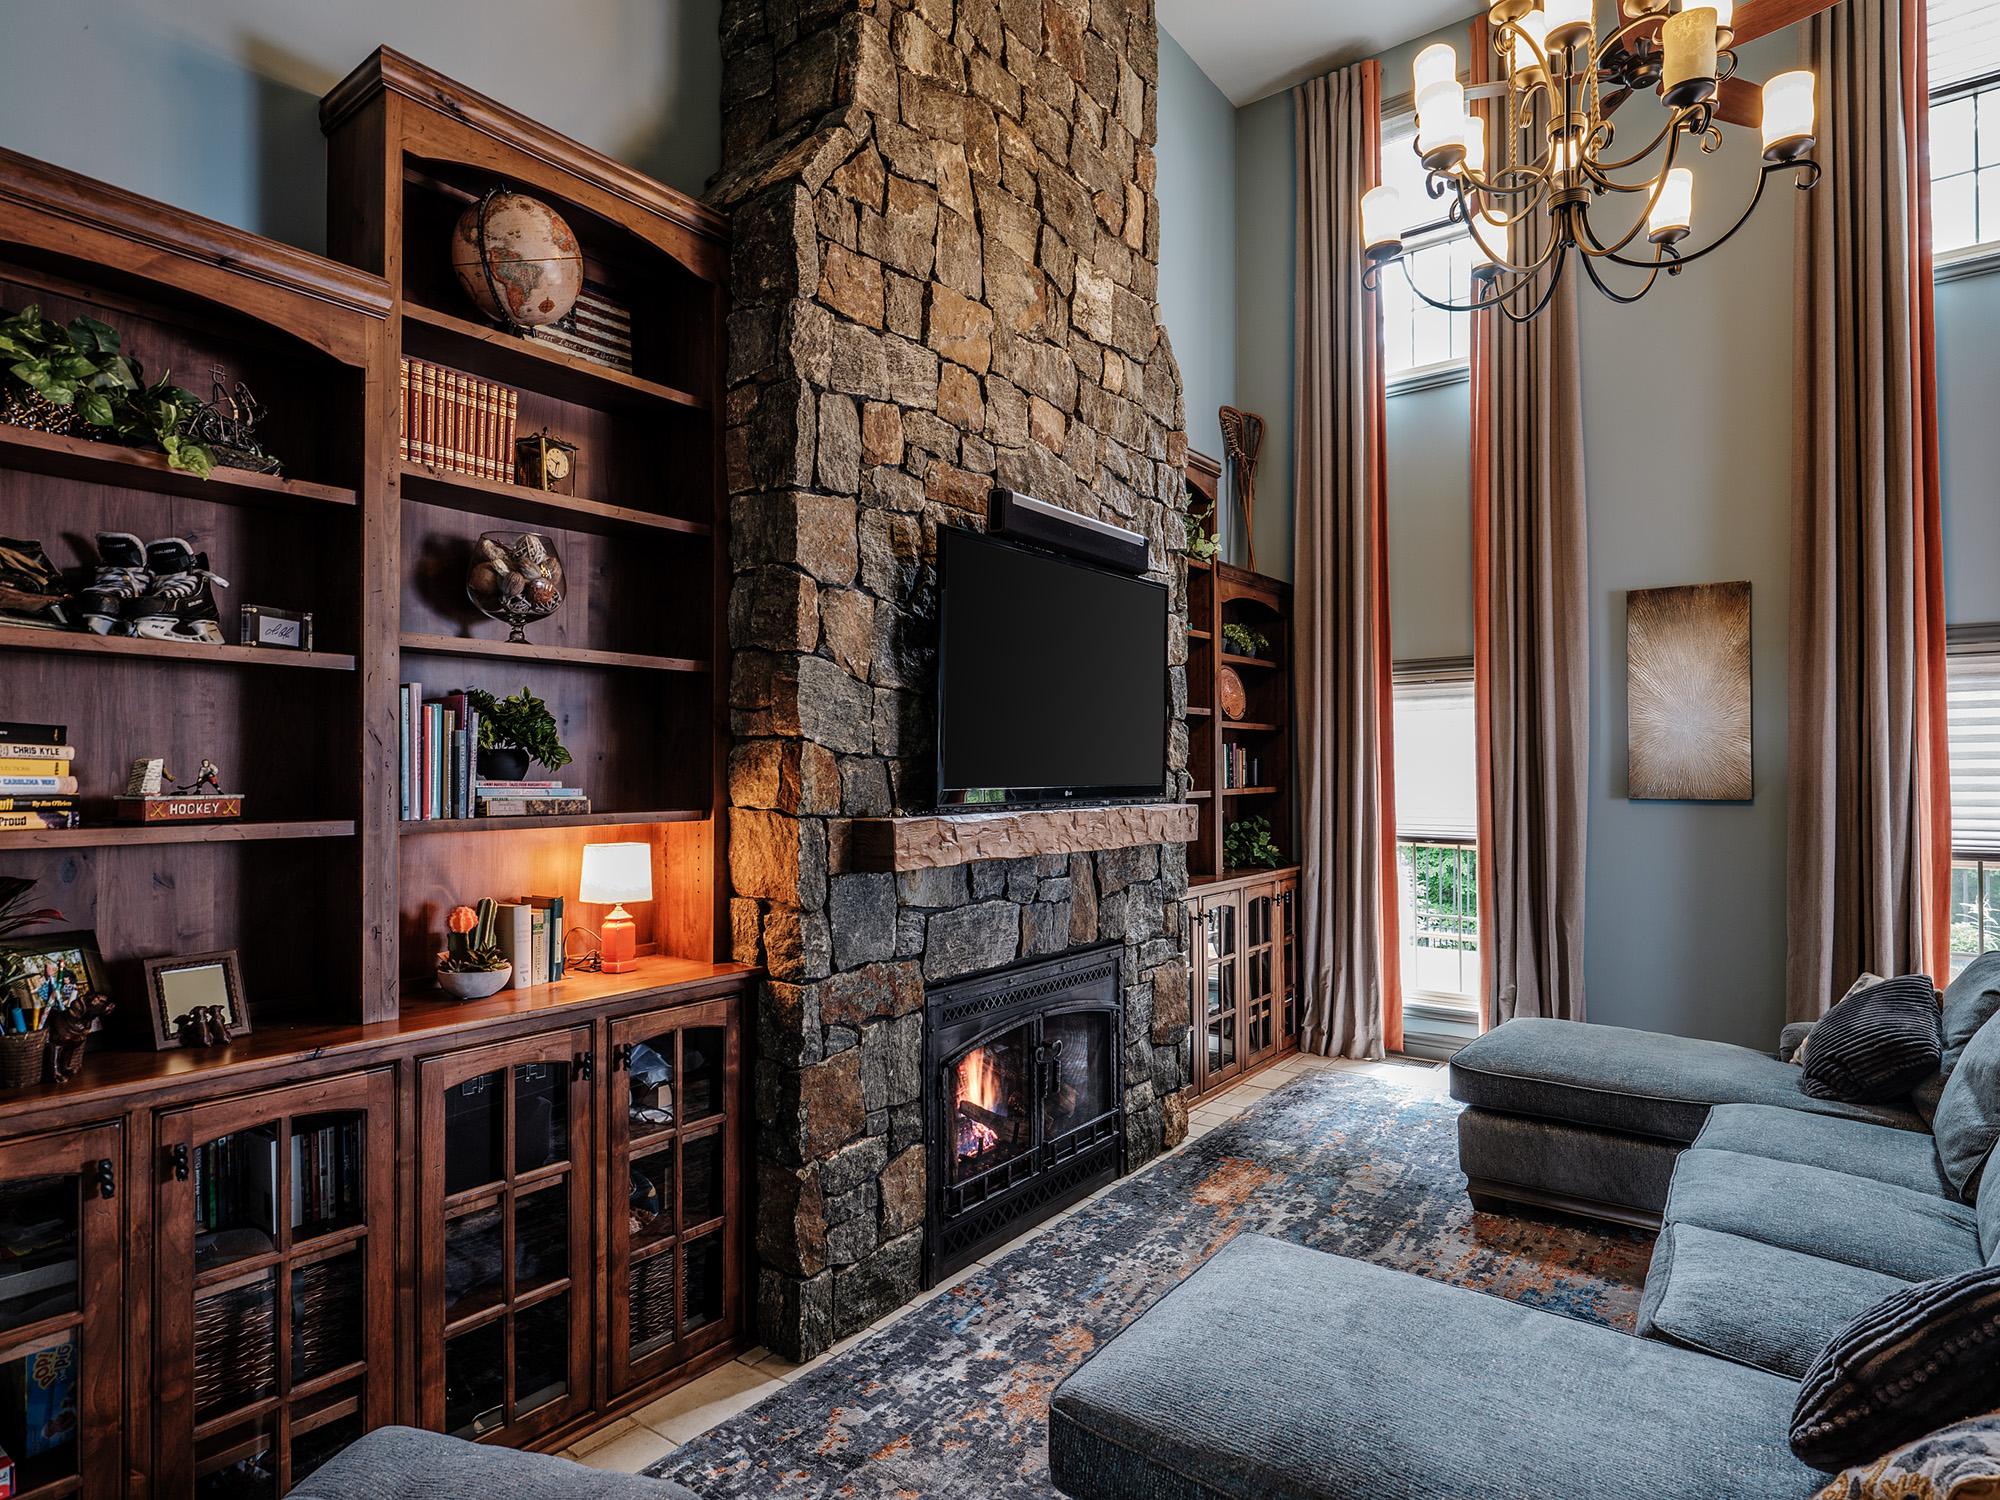 Fireplace design by Gina Paris